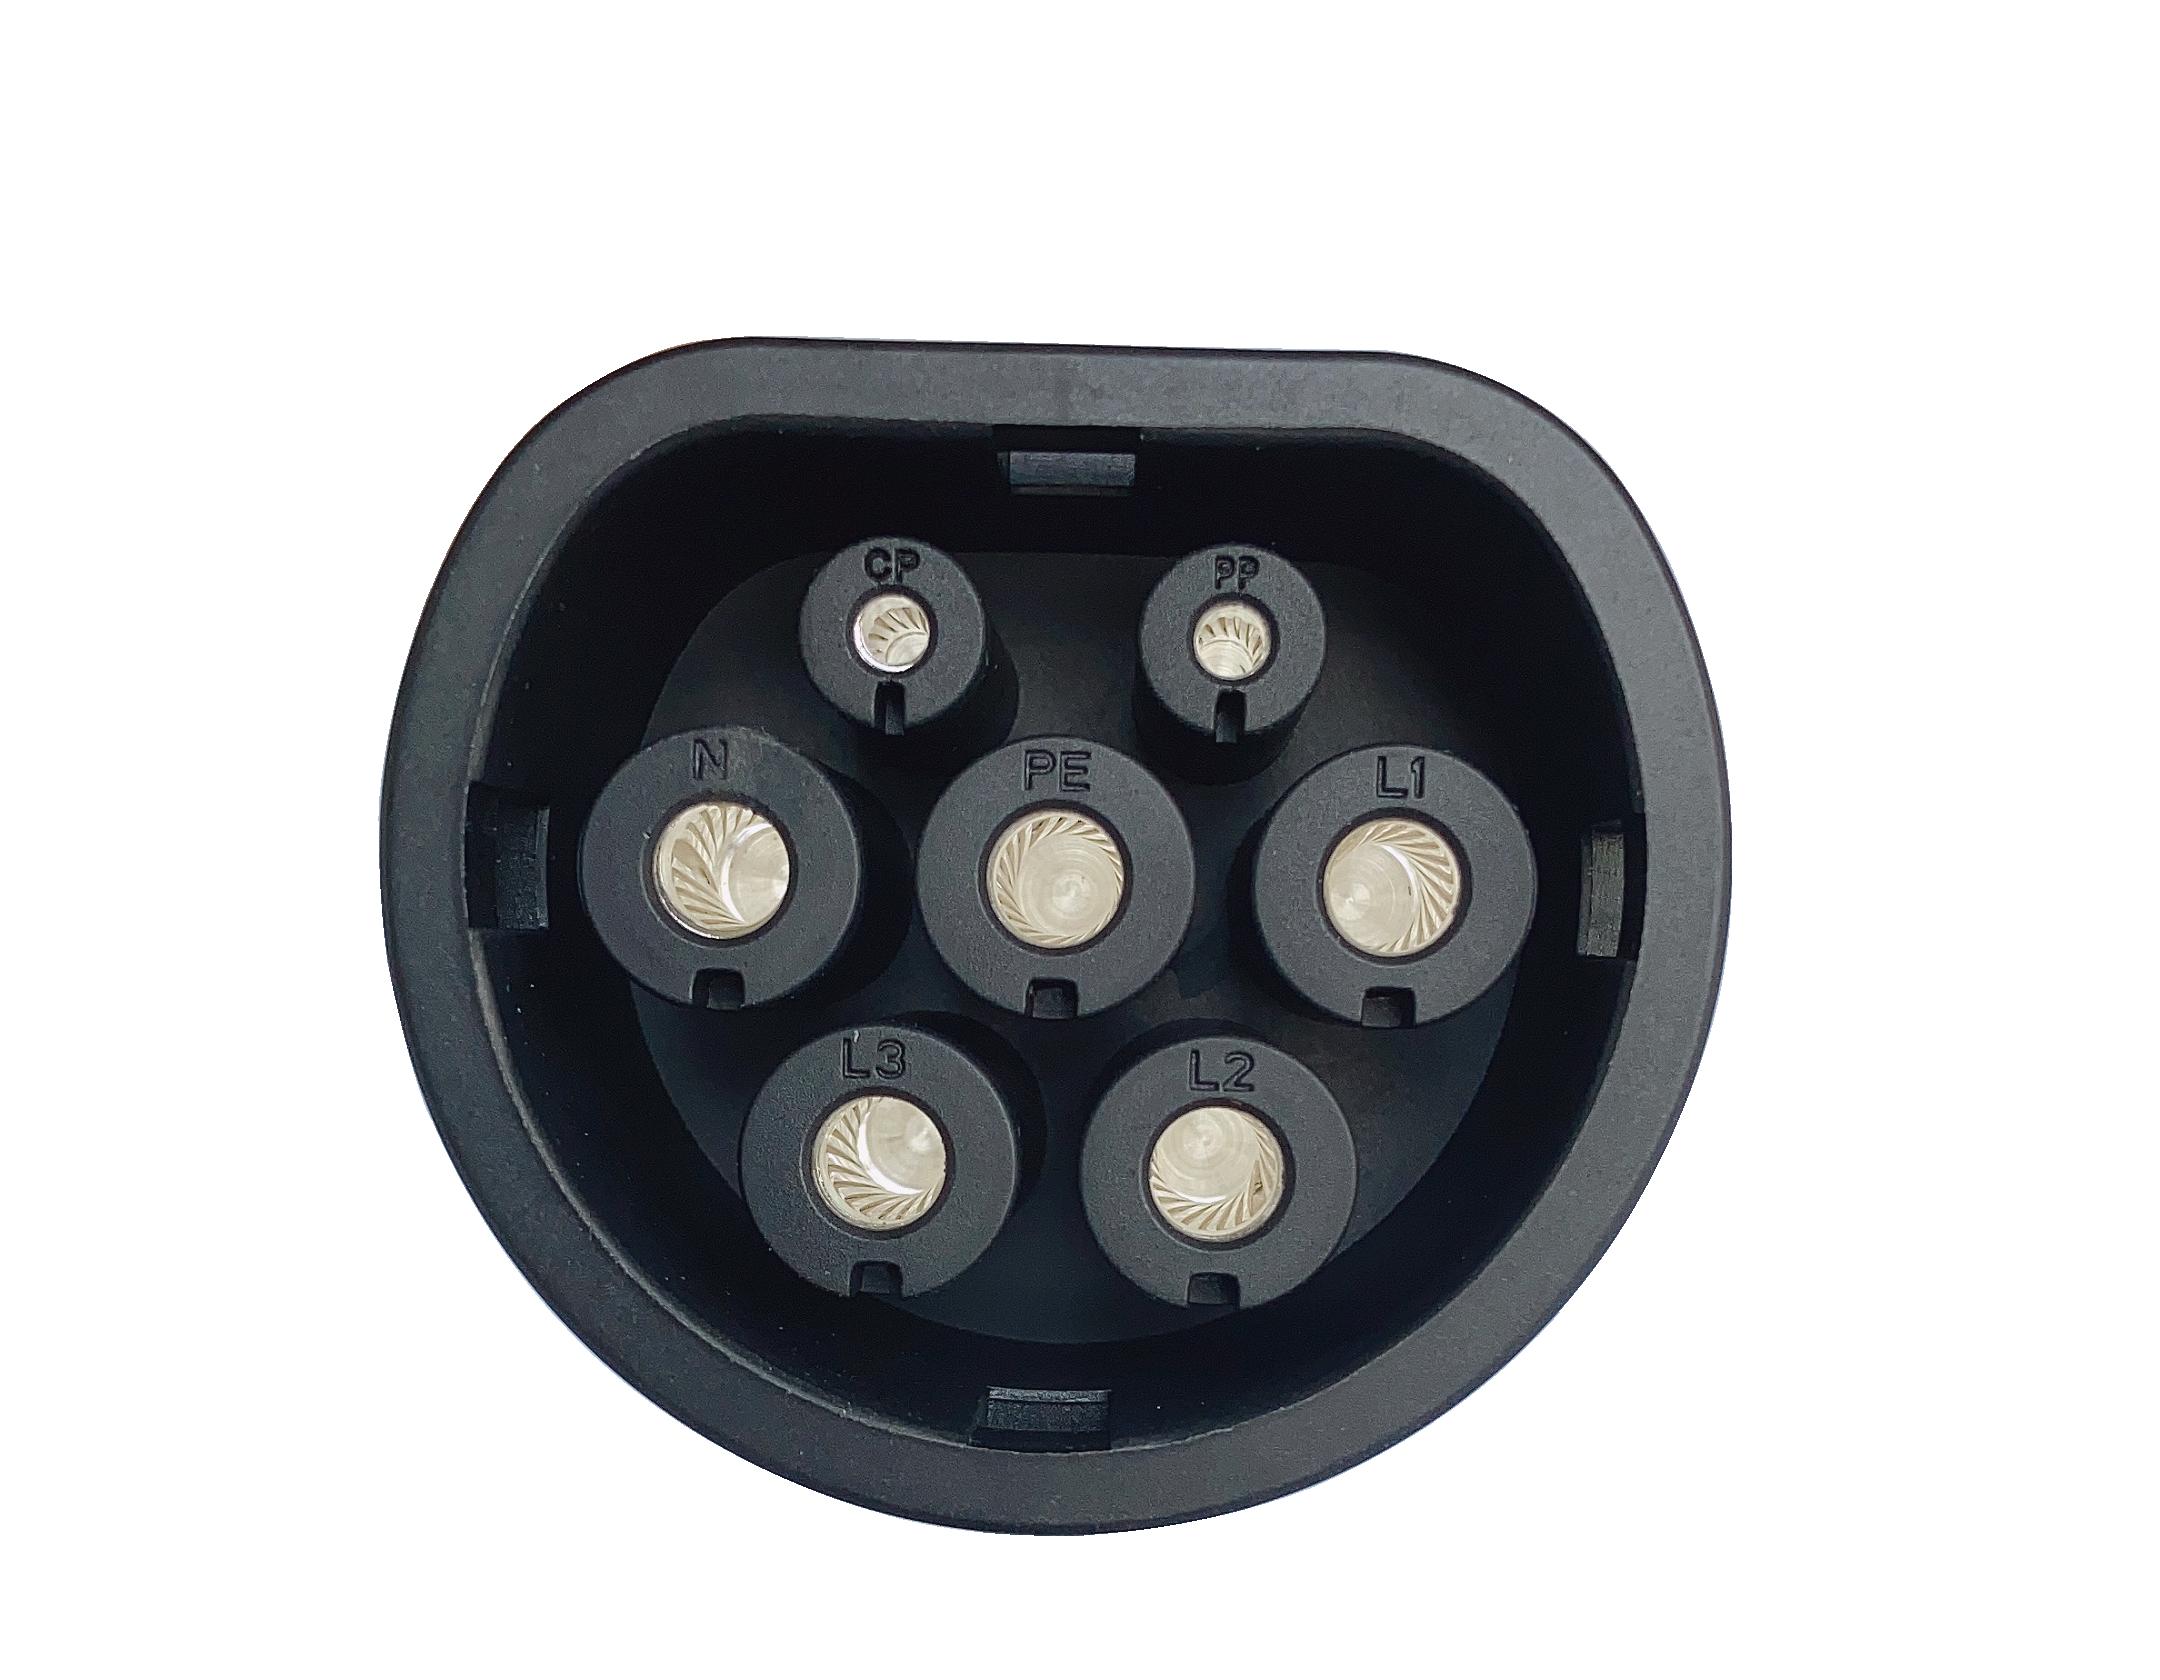 16 А 11 кВт OCPP ev зарядная станция переменного тока с трехфазным зарядным гнездом IEC типа 2